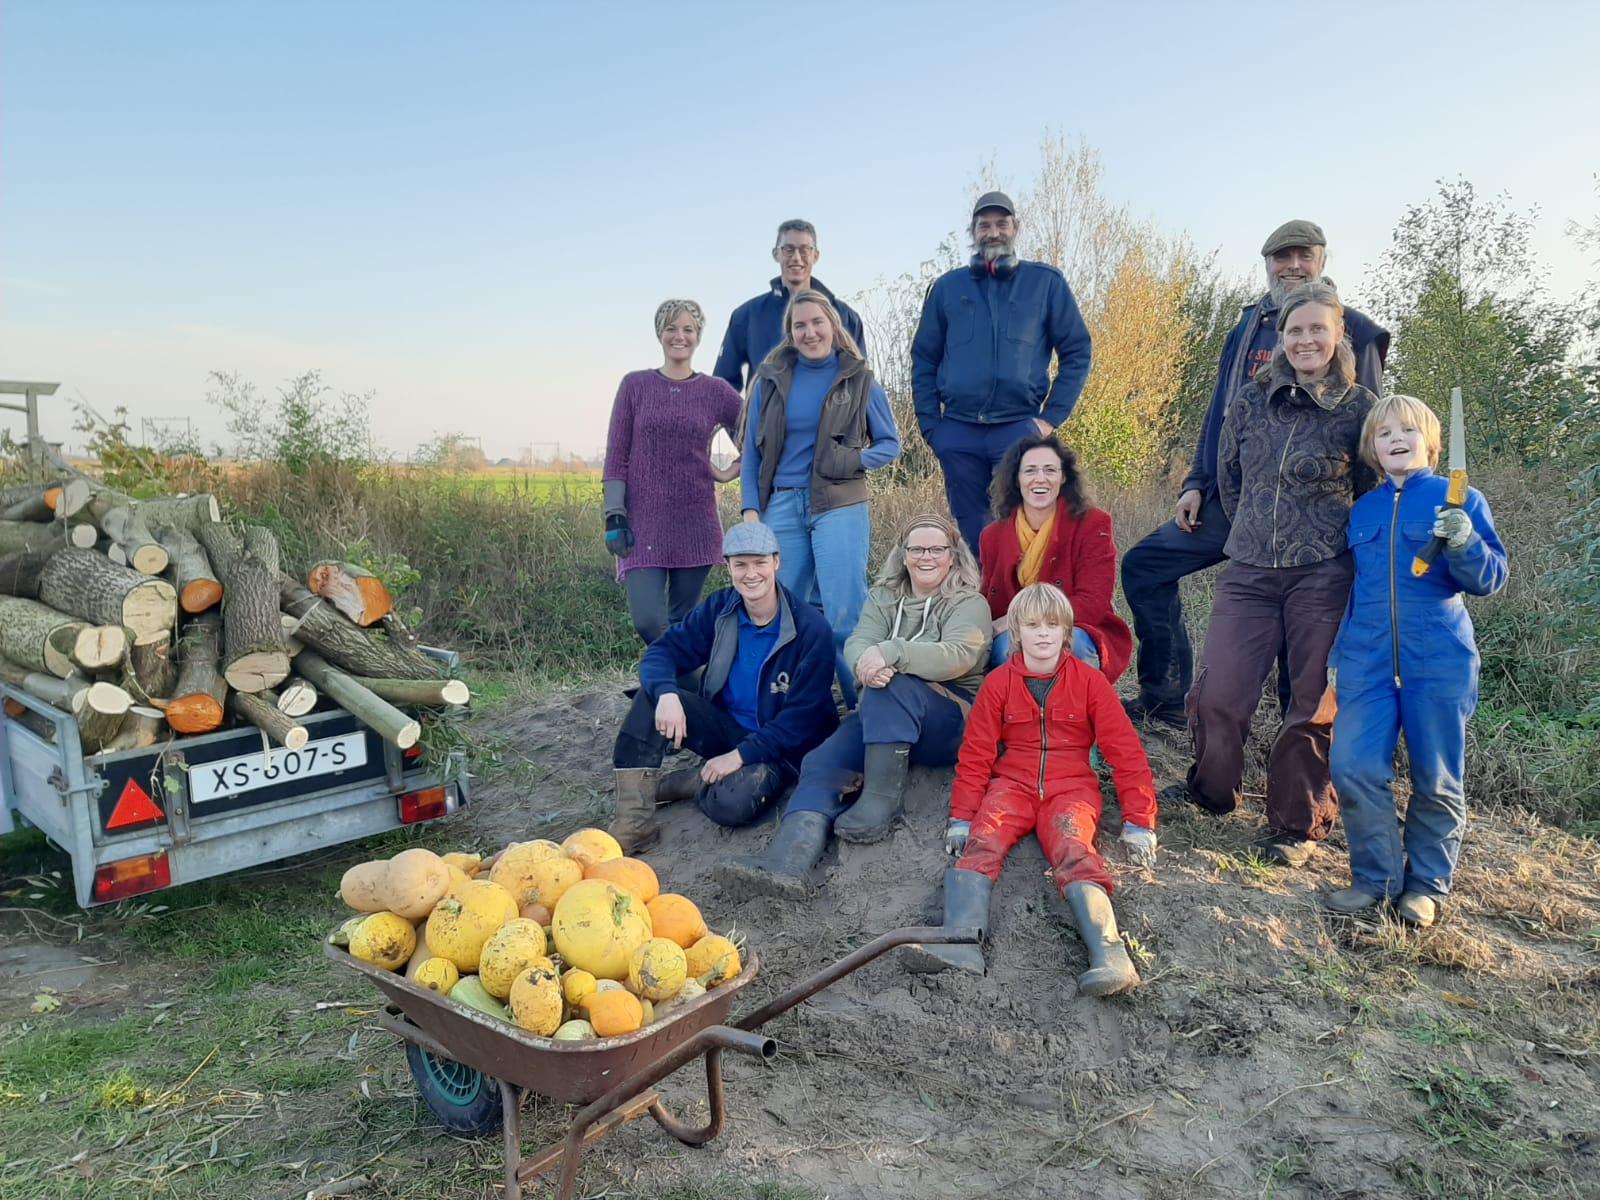 Nieuws over Frijlân - Nieuwe bewoners gezocht